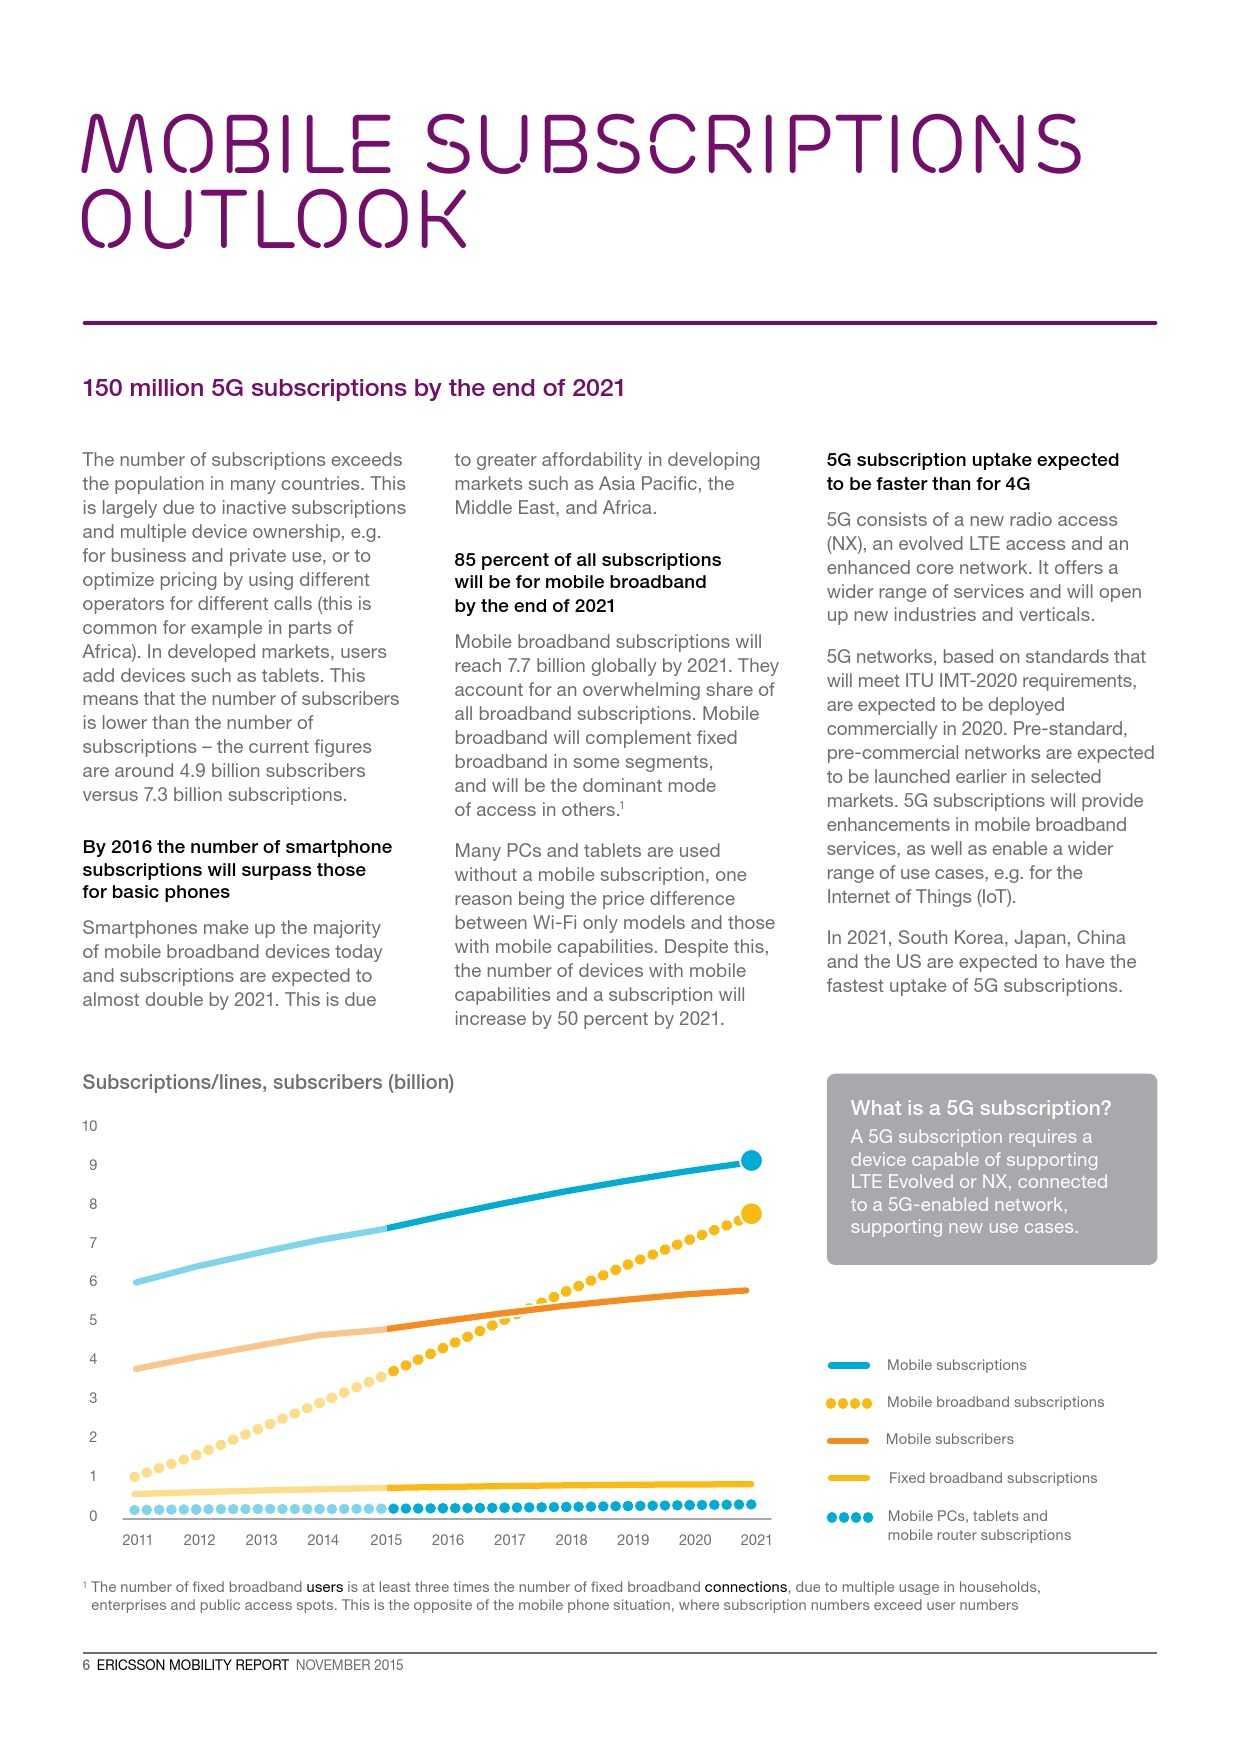 爱立信:2015年移动市场报告_000006